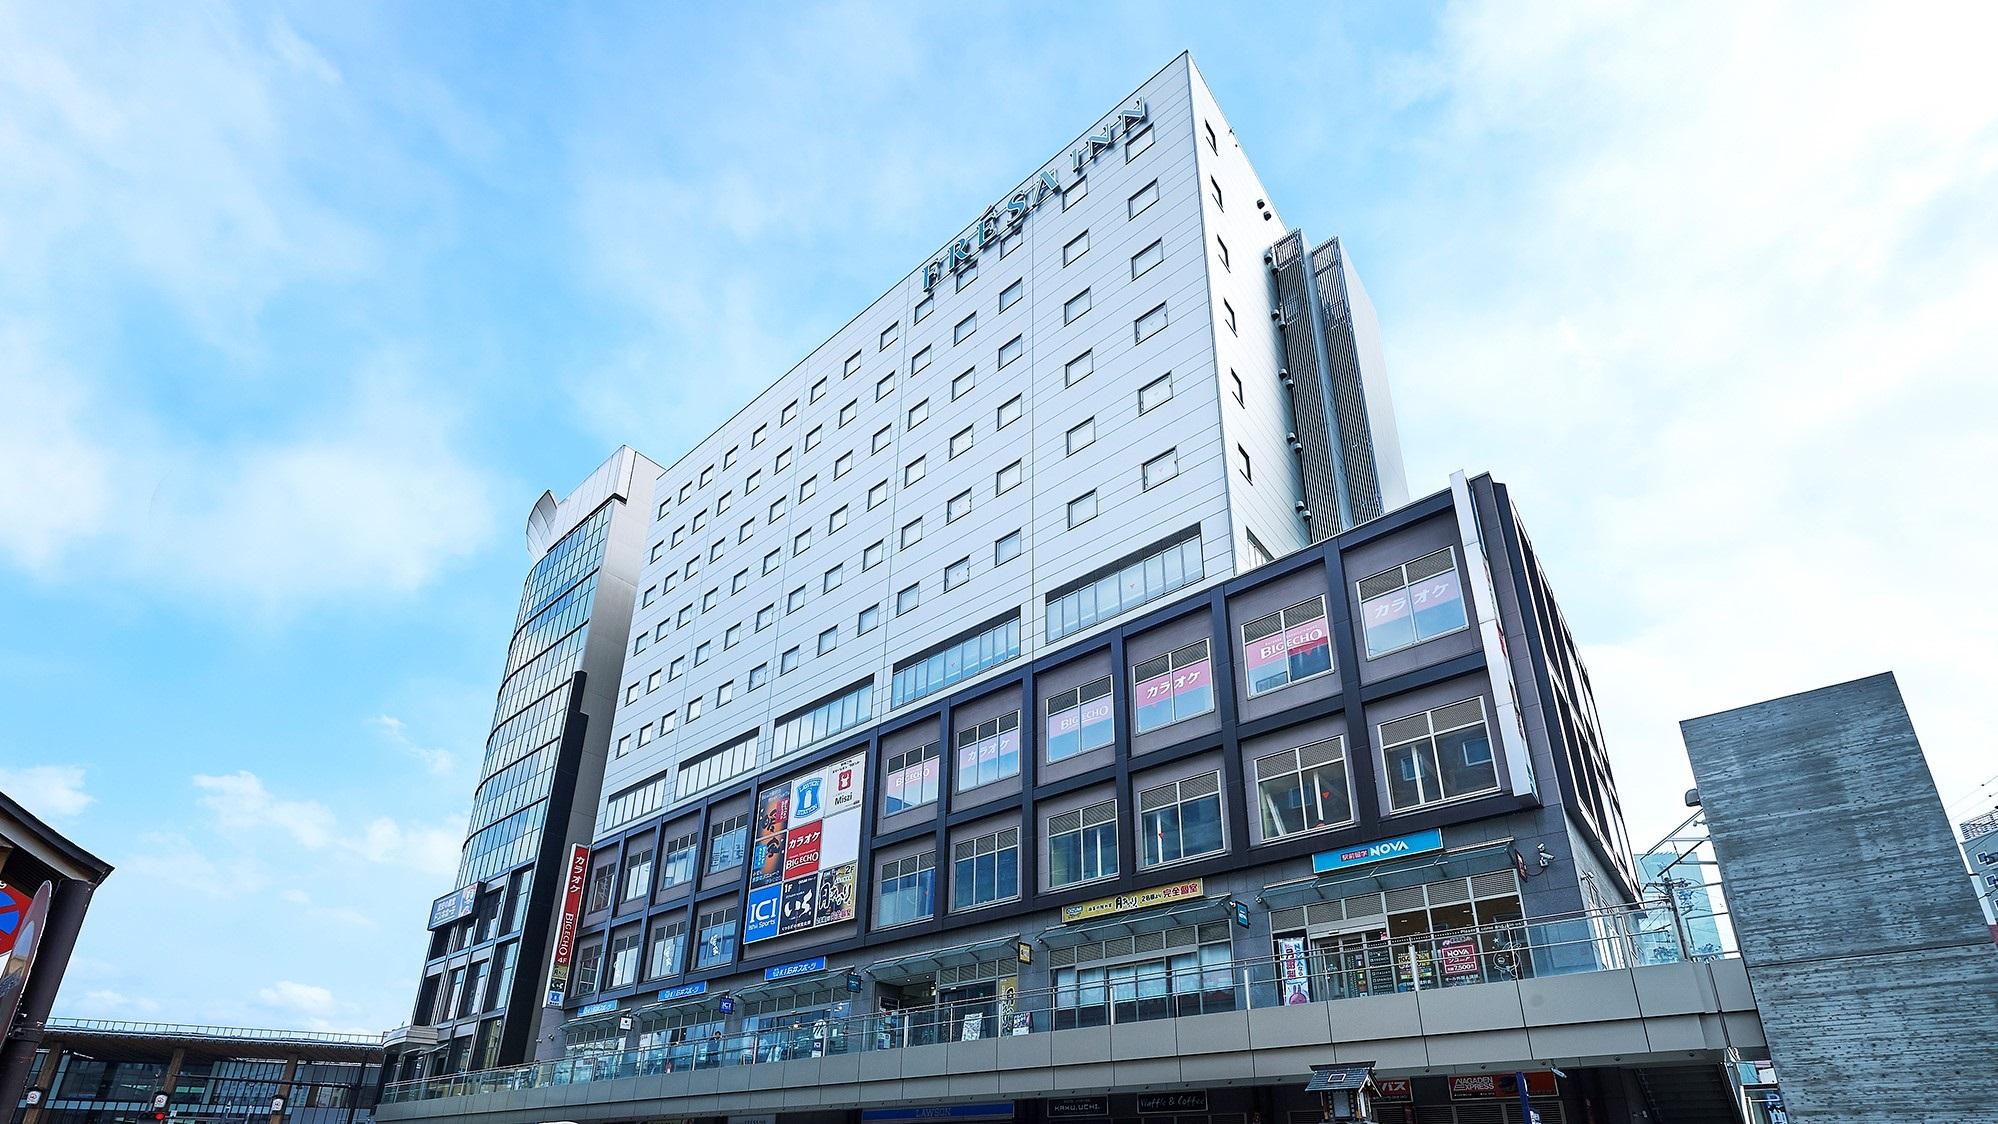 相鉄フレッサイン 長野駅善光寺口(旧:ホテルサンルート長野)...